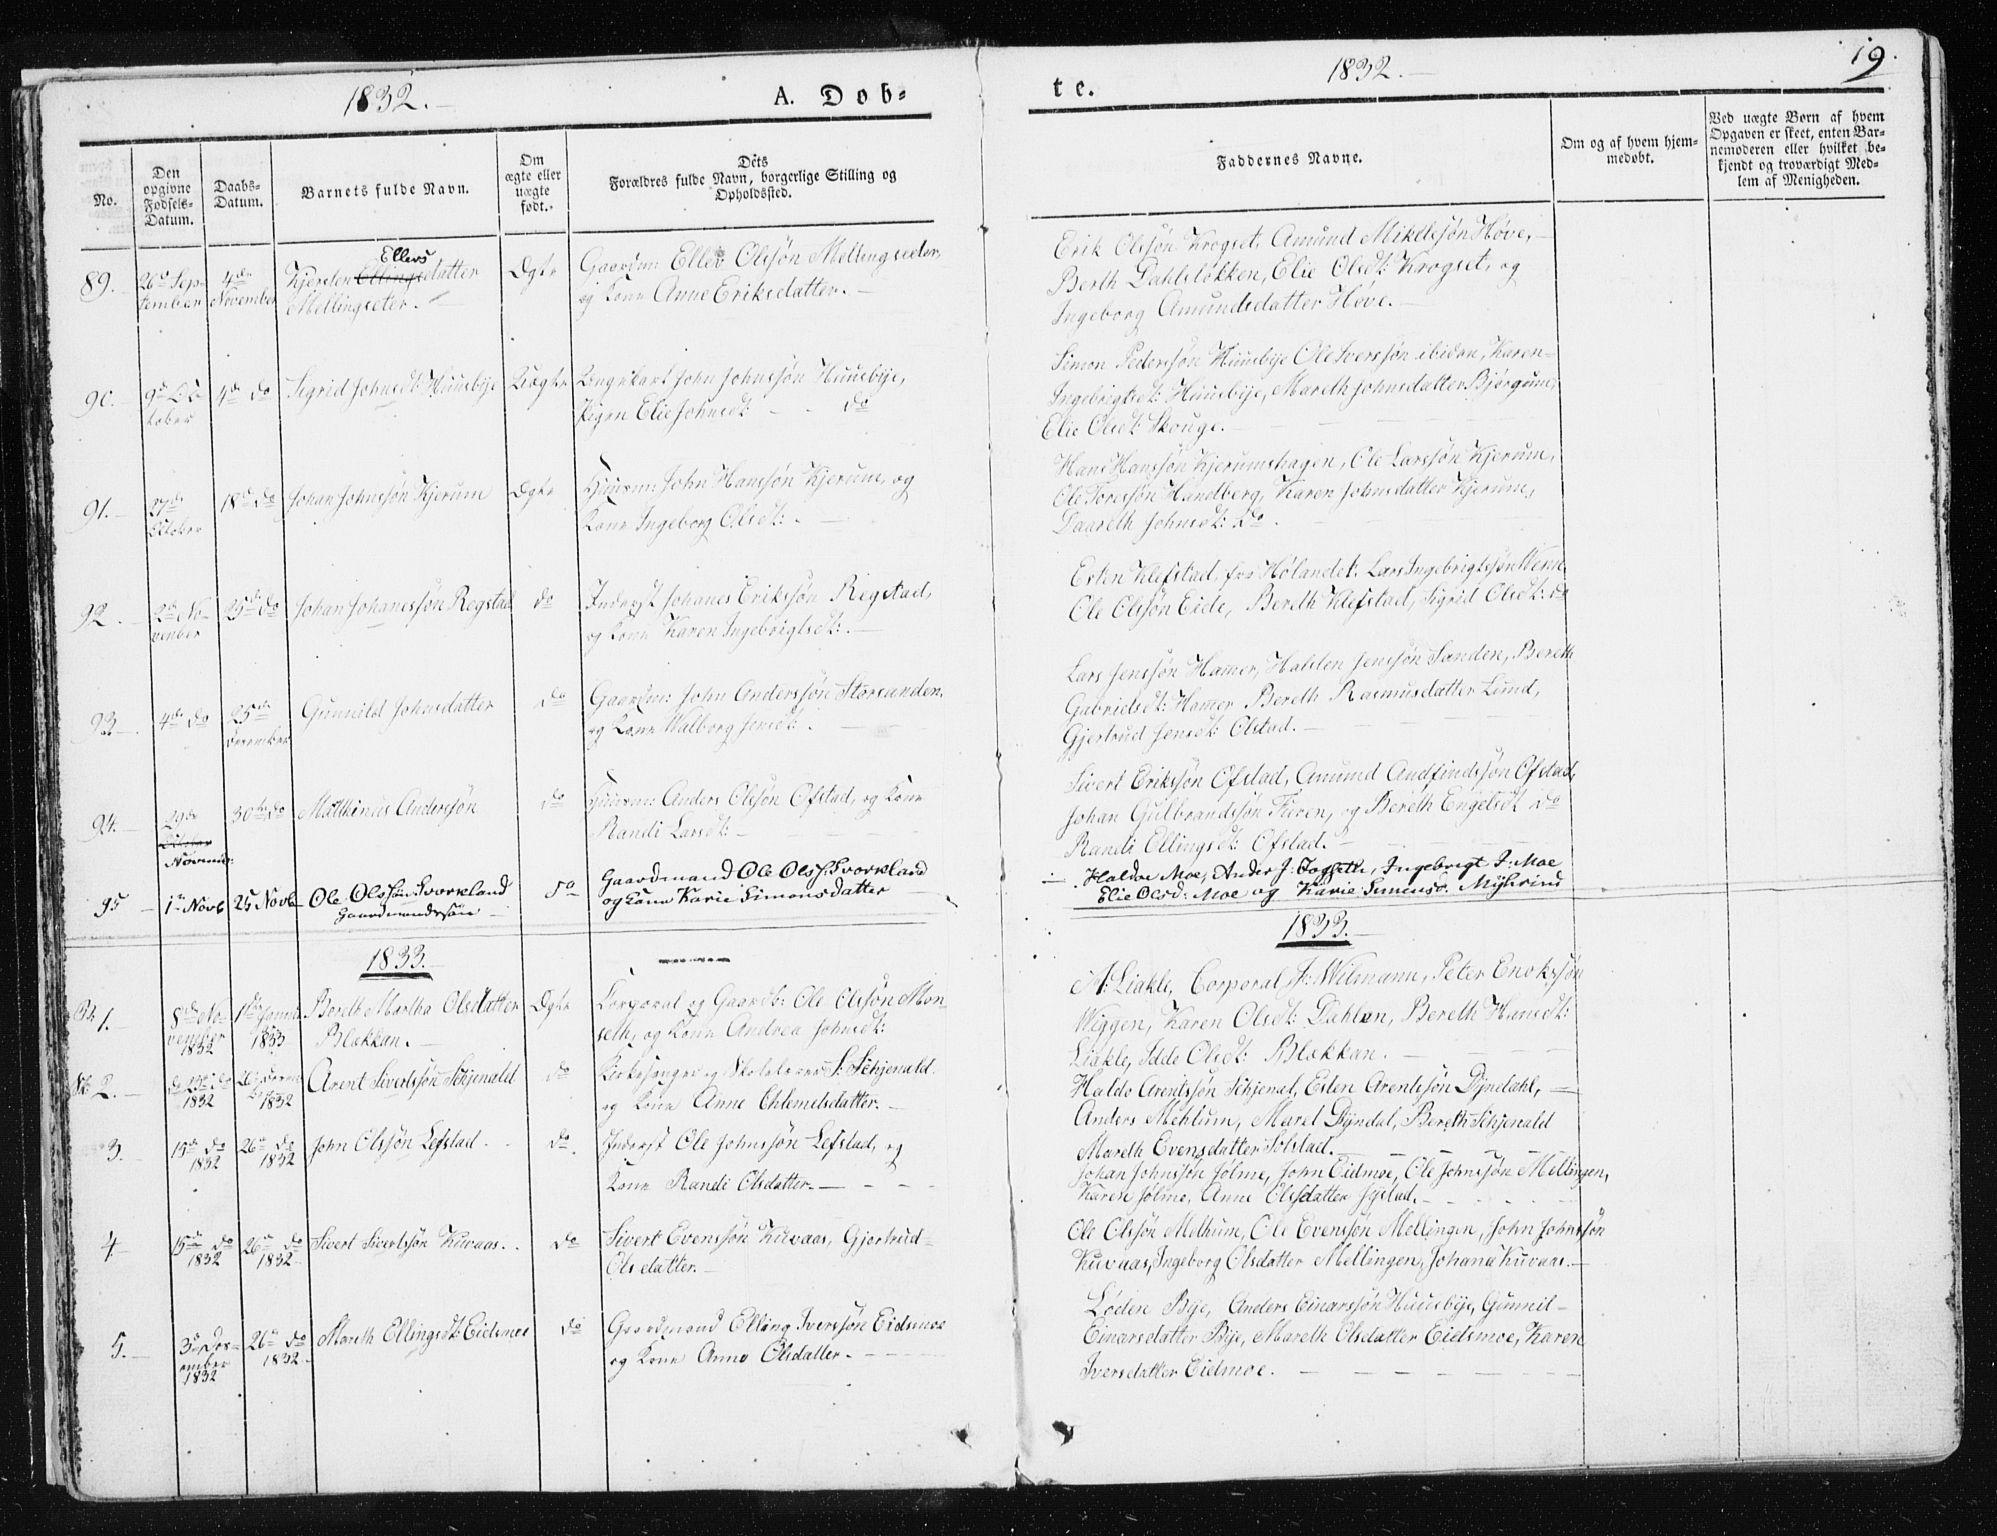 SAT, Ministerialprotokoller, klokkerbøker og fødselsregistre - Sør-Trøndelag, 665/L0771: Ministerialbok nr. 665A06, 1830-1856, s. 19